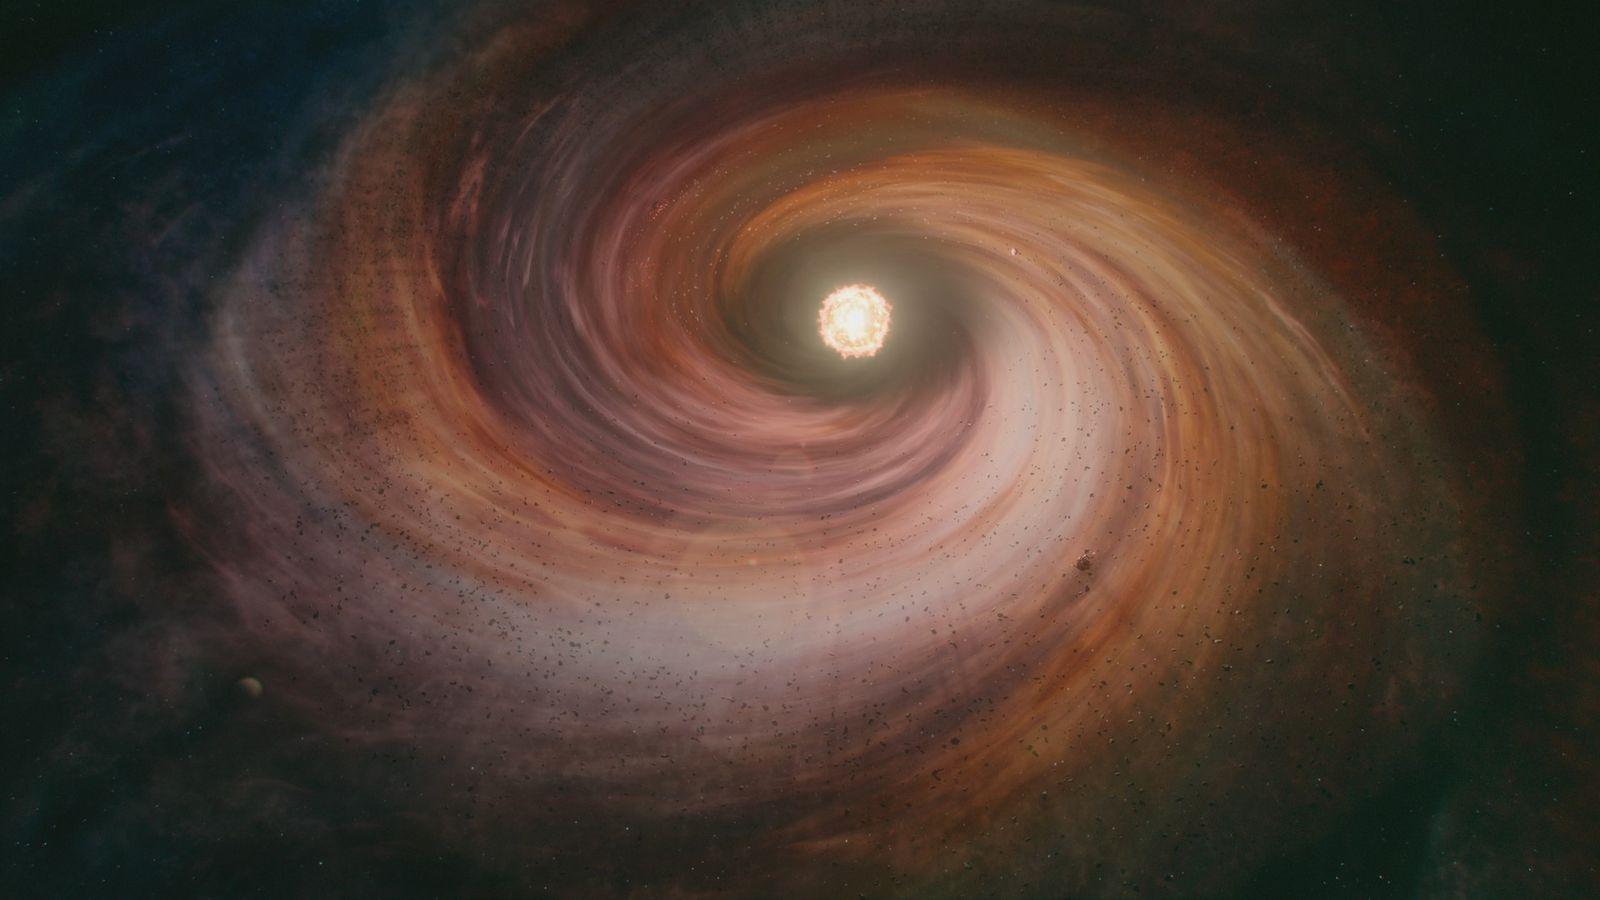 Neil deGrasse Tyson continua a viagem da primeira temporada, mostrando as maravilhas do nosso cosmos, de ...